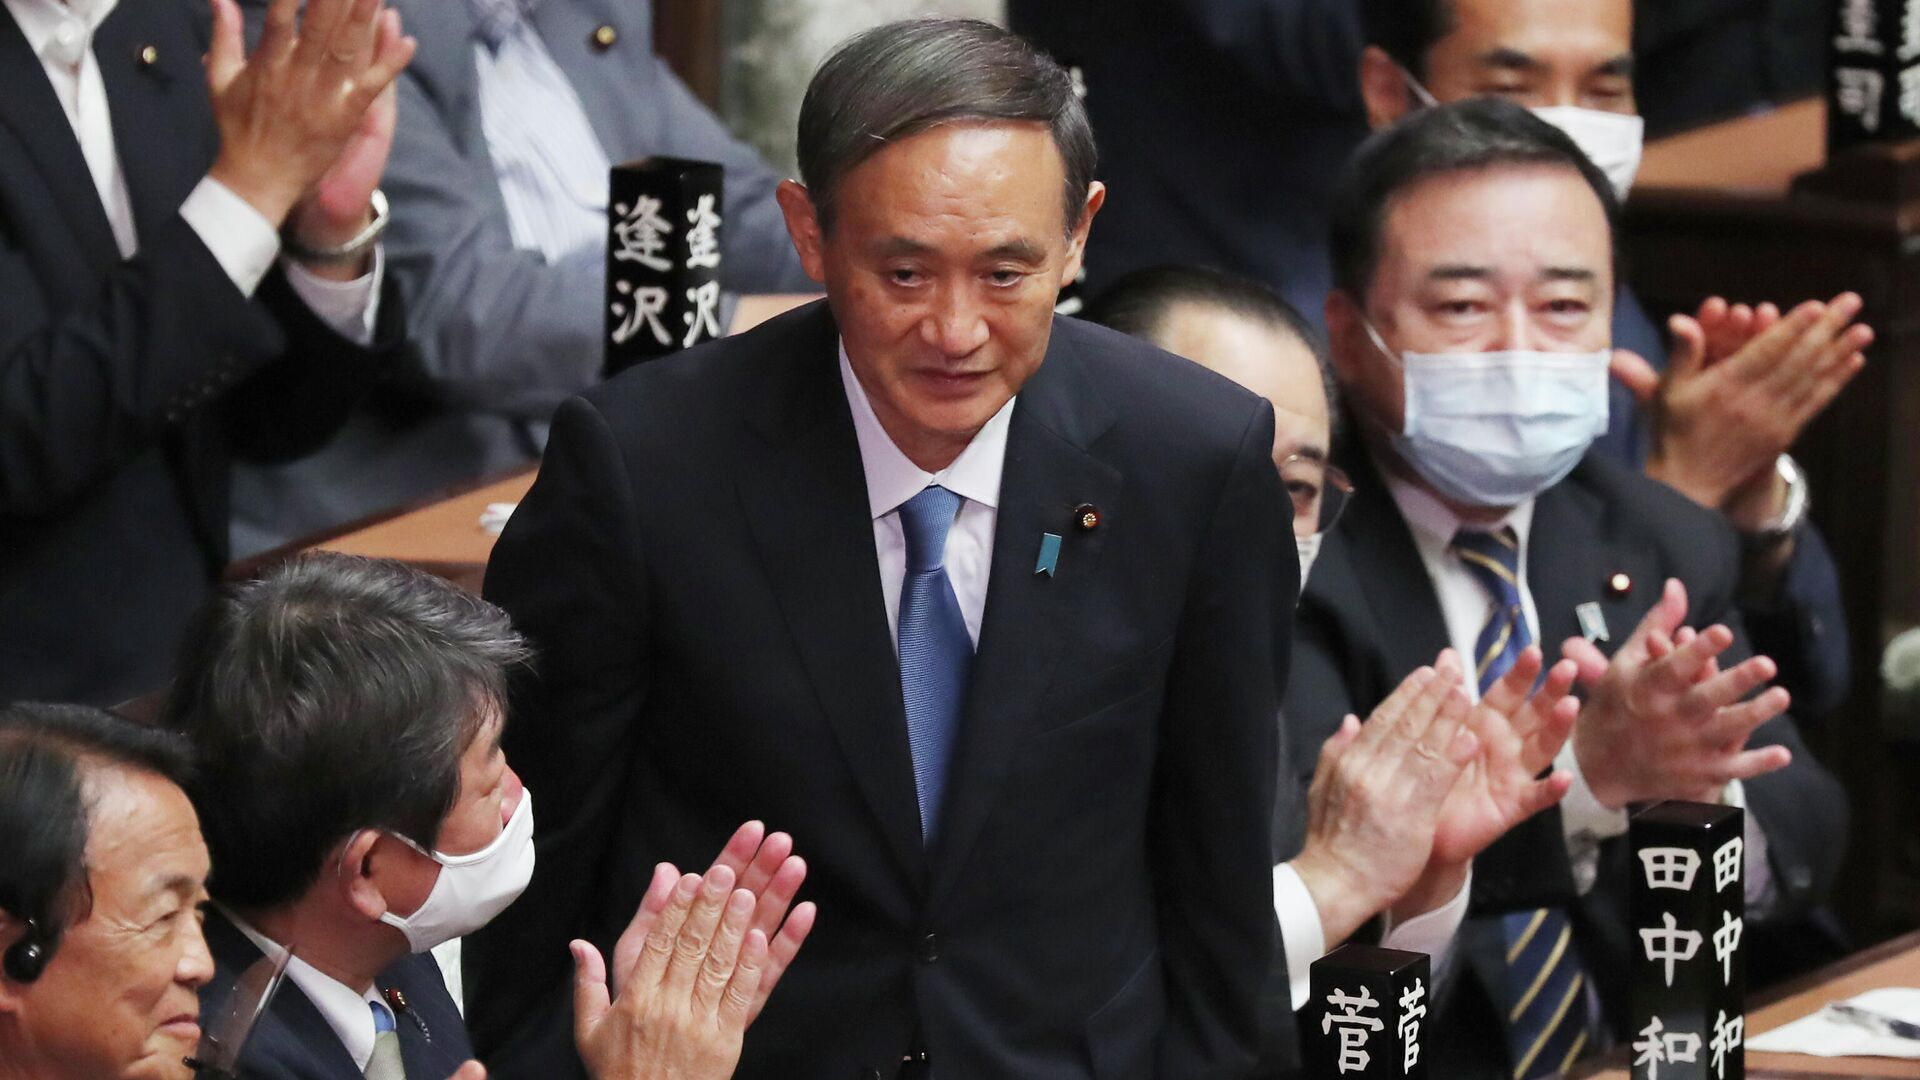 Есихидэ Суга в нижней палате парламента после избрания новым премьер-министром Японии - РИА Новости, 1920, 26.10.2020